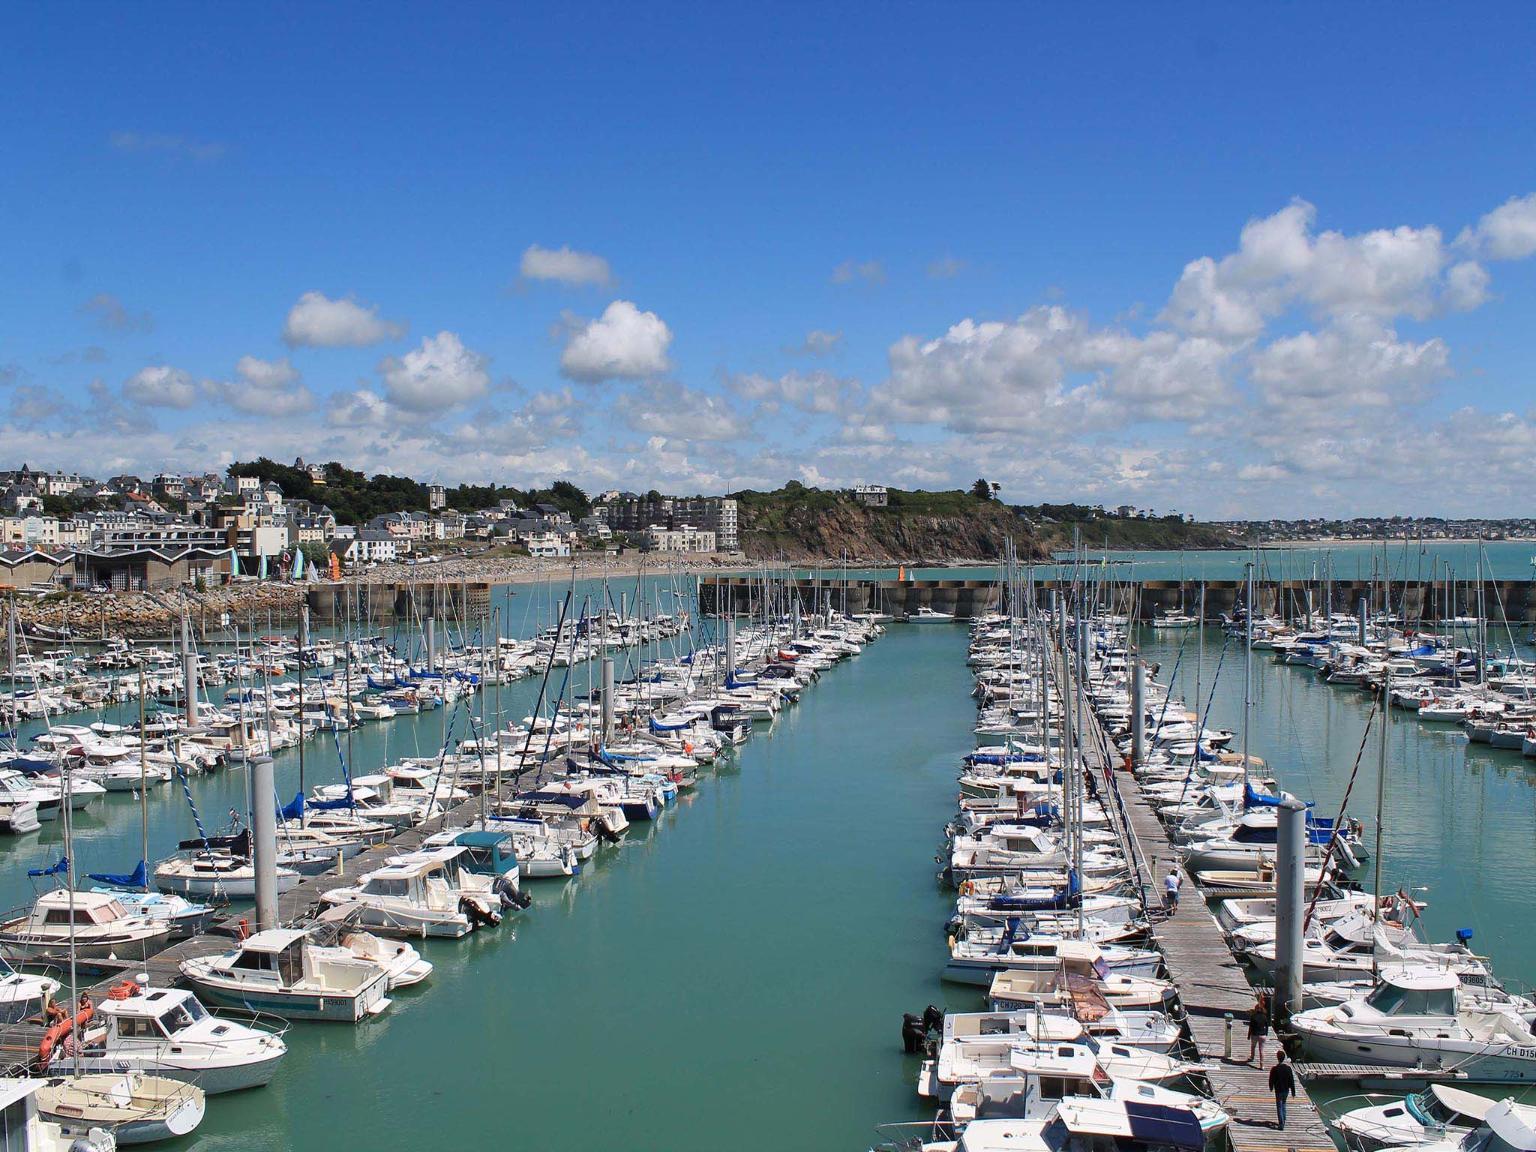 Ibis granville port de plaisance h tel port de plaisance rue des isles 50400 granville - Port de plaisance le crouesty ...